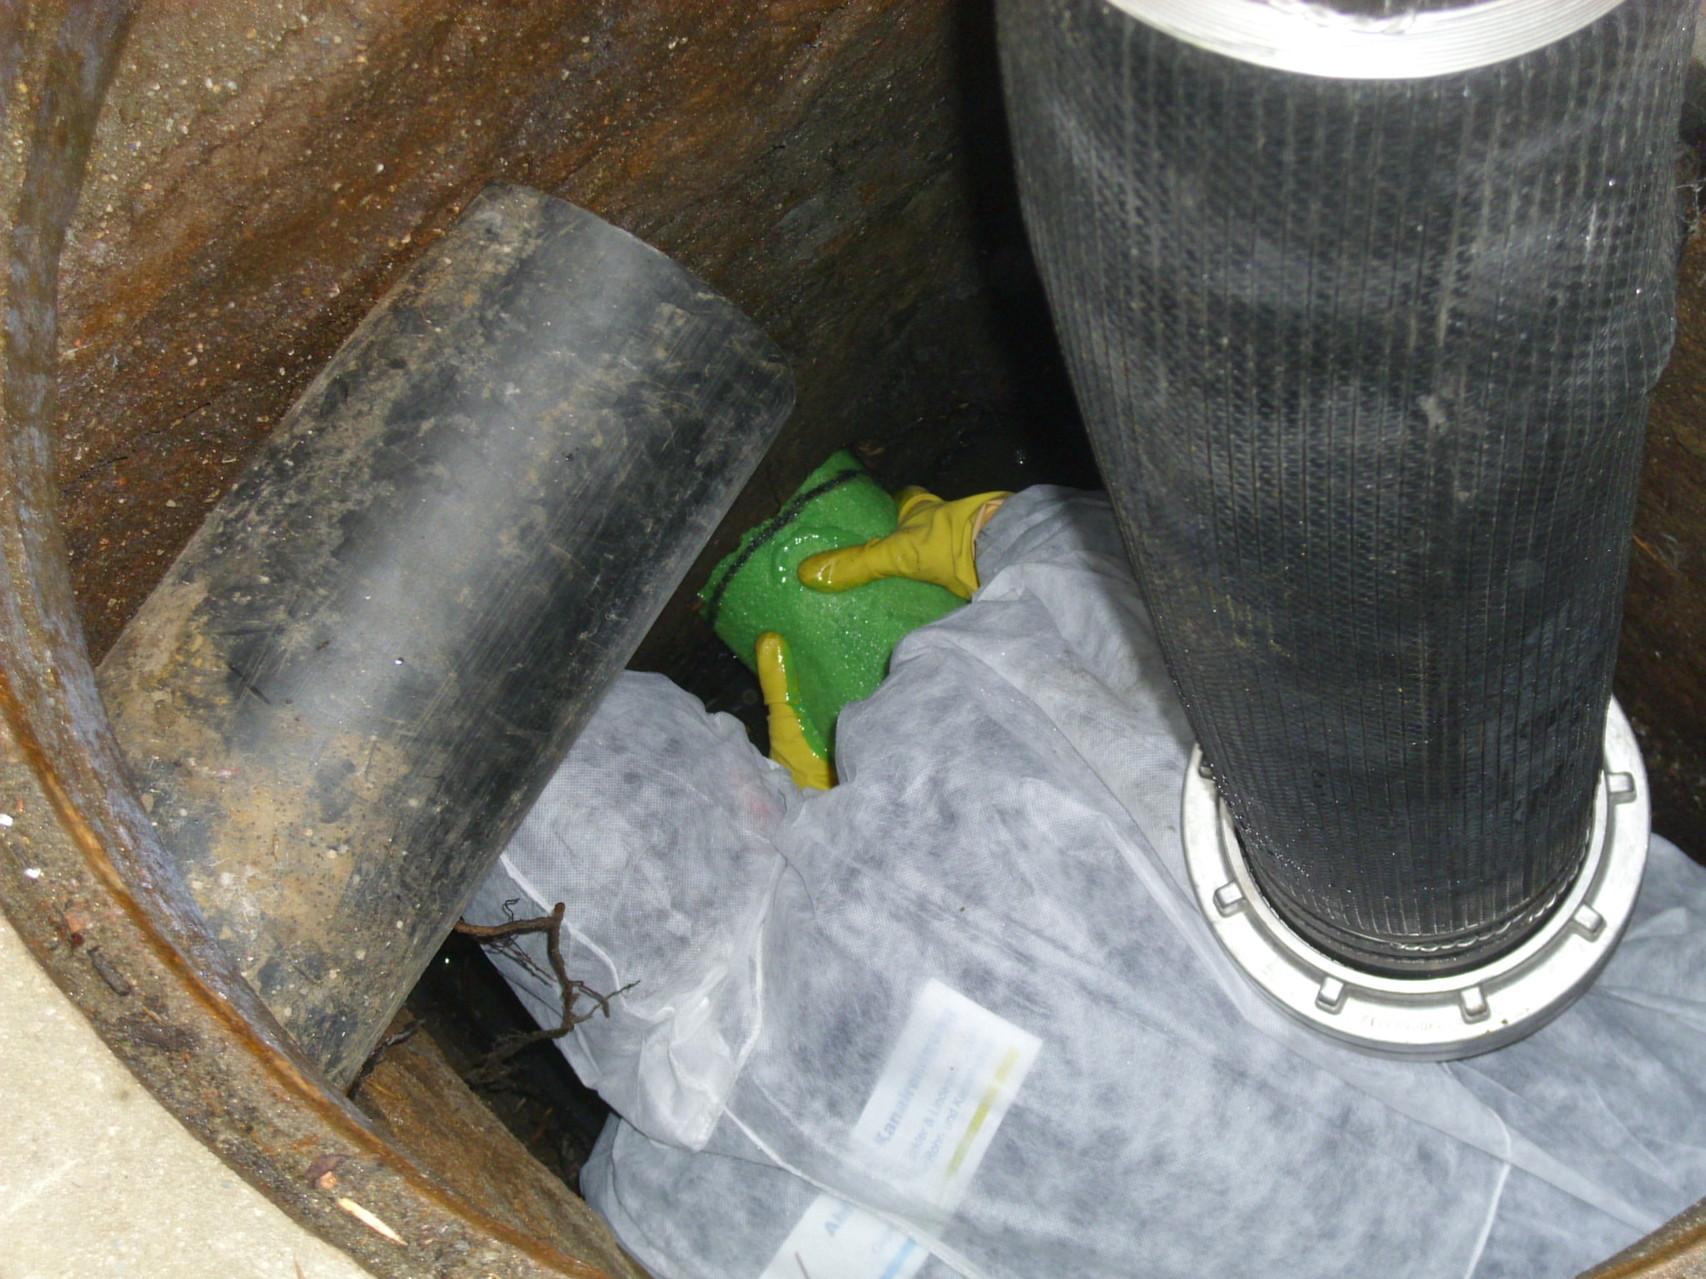 Einbringen des Inliners in die zu sanierende Abwasser-Leitung